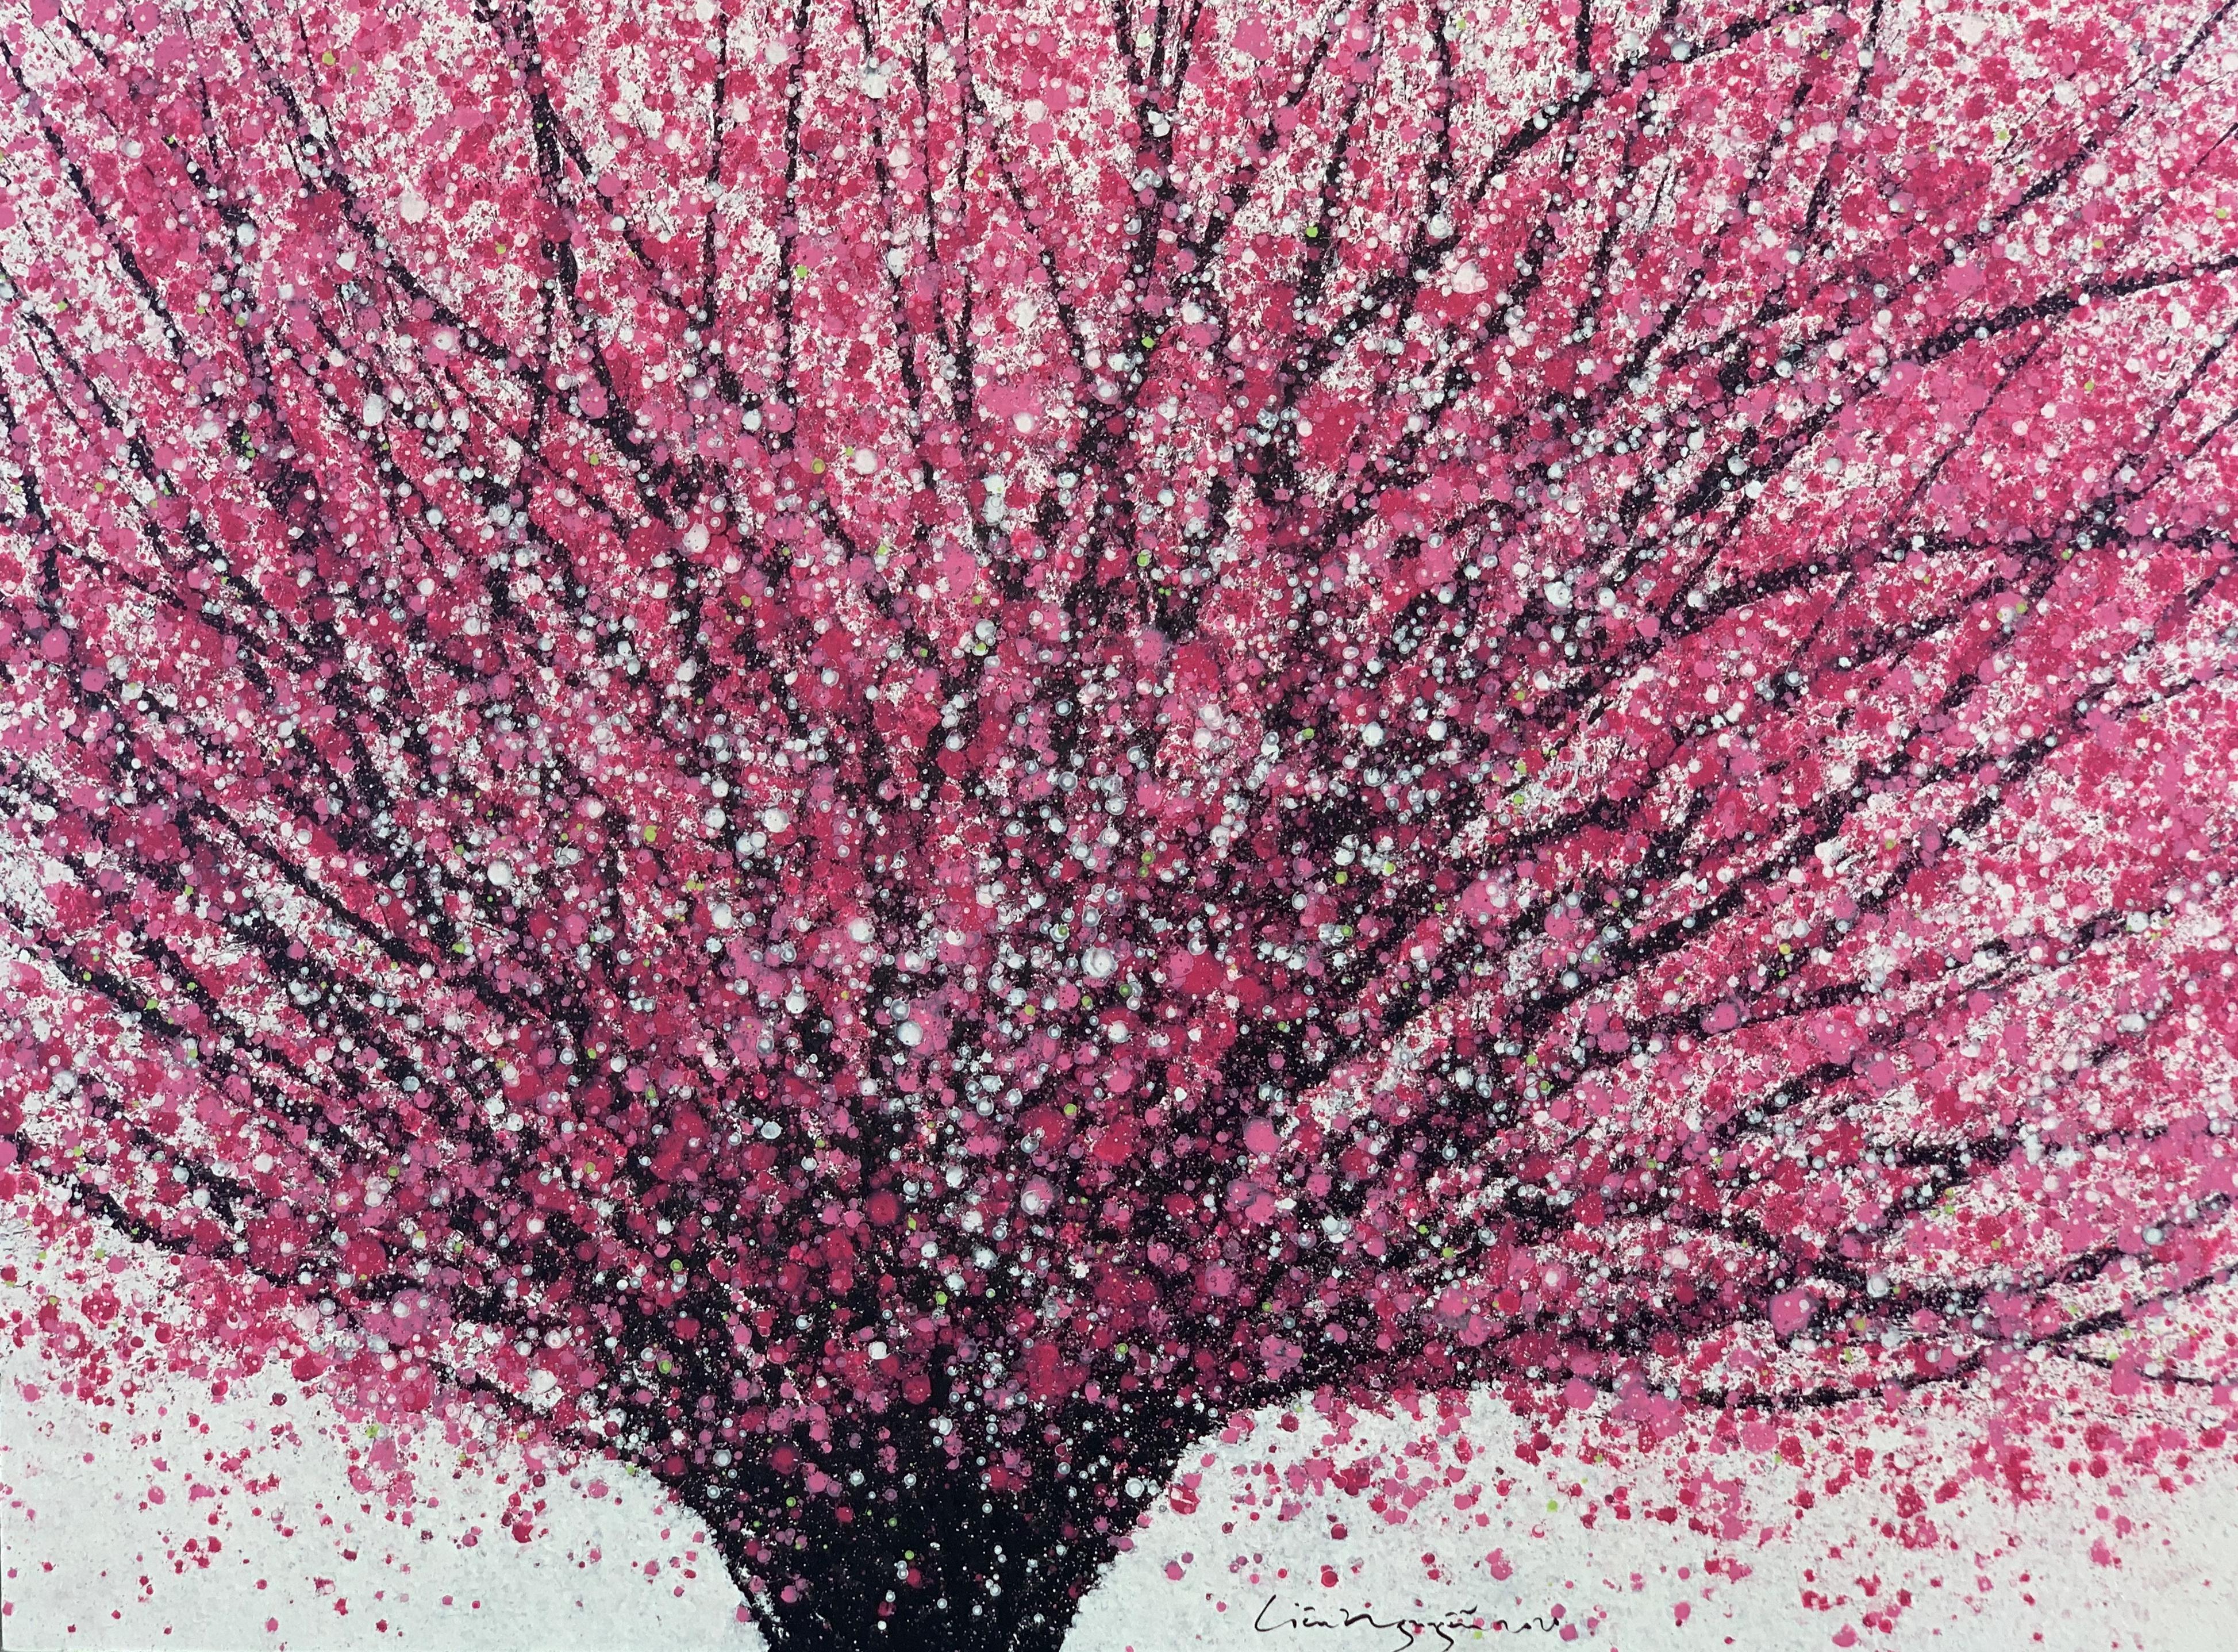 Peach Blossoms | Hoa Đào